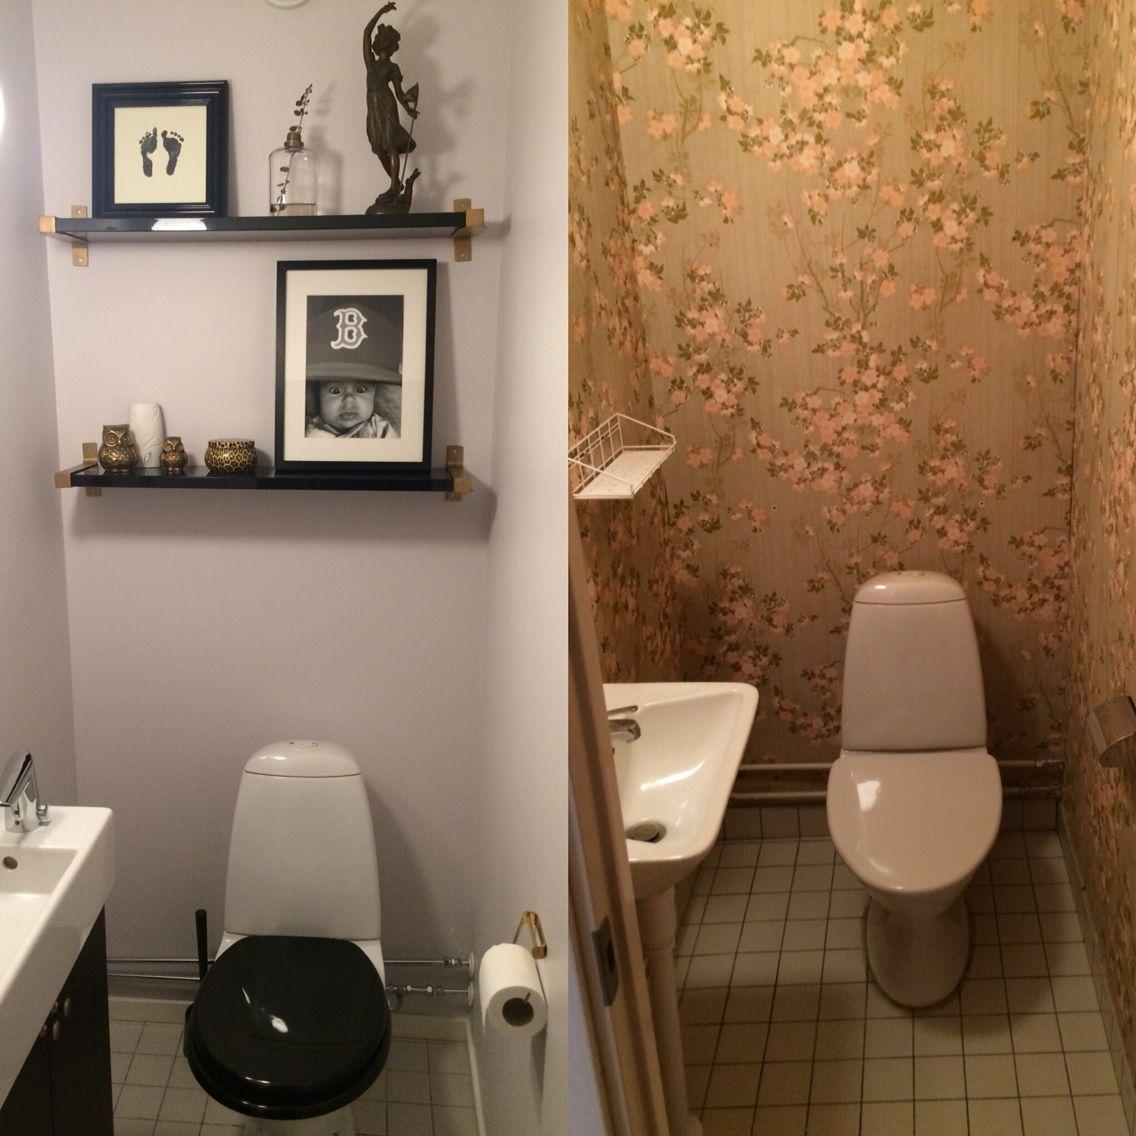 Inredning gästtoalett inspiration : Efter / före pÃ¥ vÃ¥r gästtoalett. Före efter gästtoalett med enkla ...